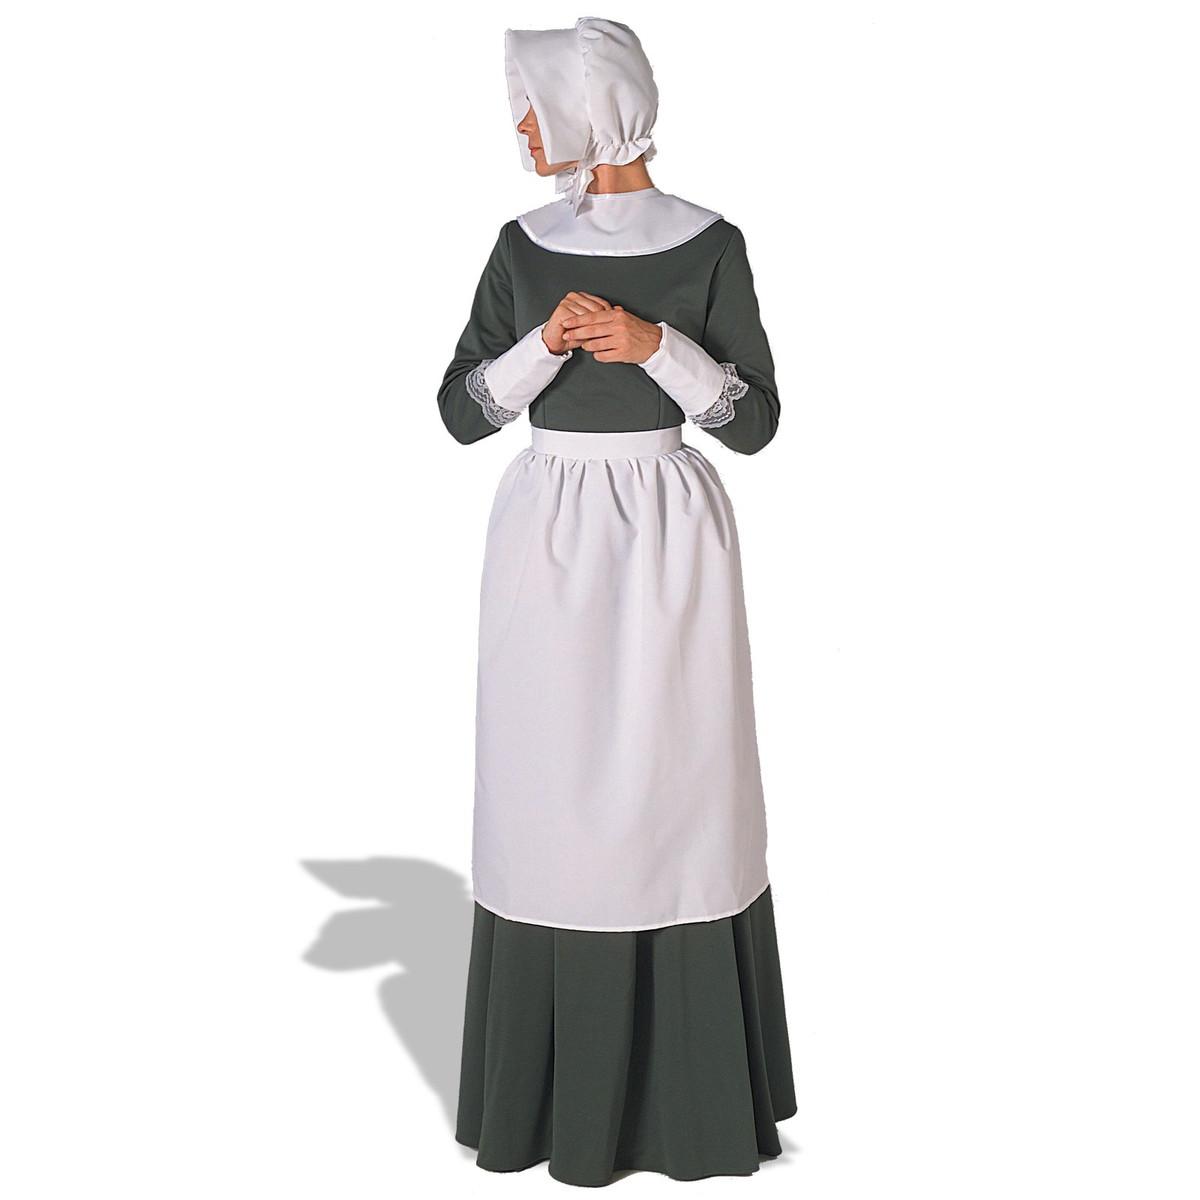 帽子 ピルグリム(イギリス人入植者)ボンネット帽子 アクセサリーキット大人用ハロウィン コスプレ グッズ